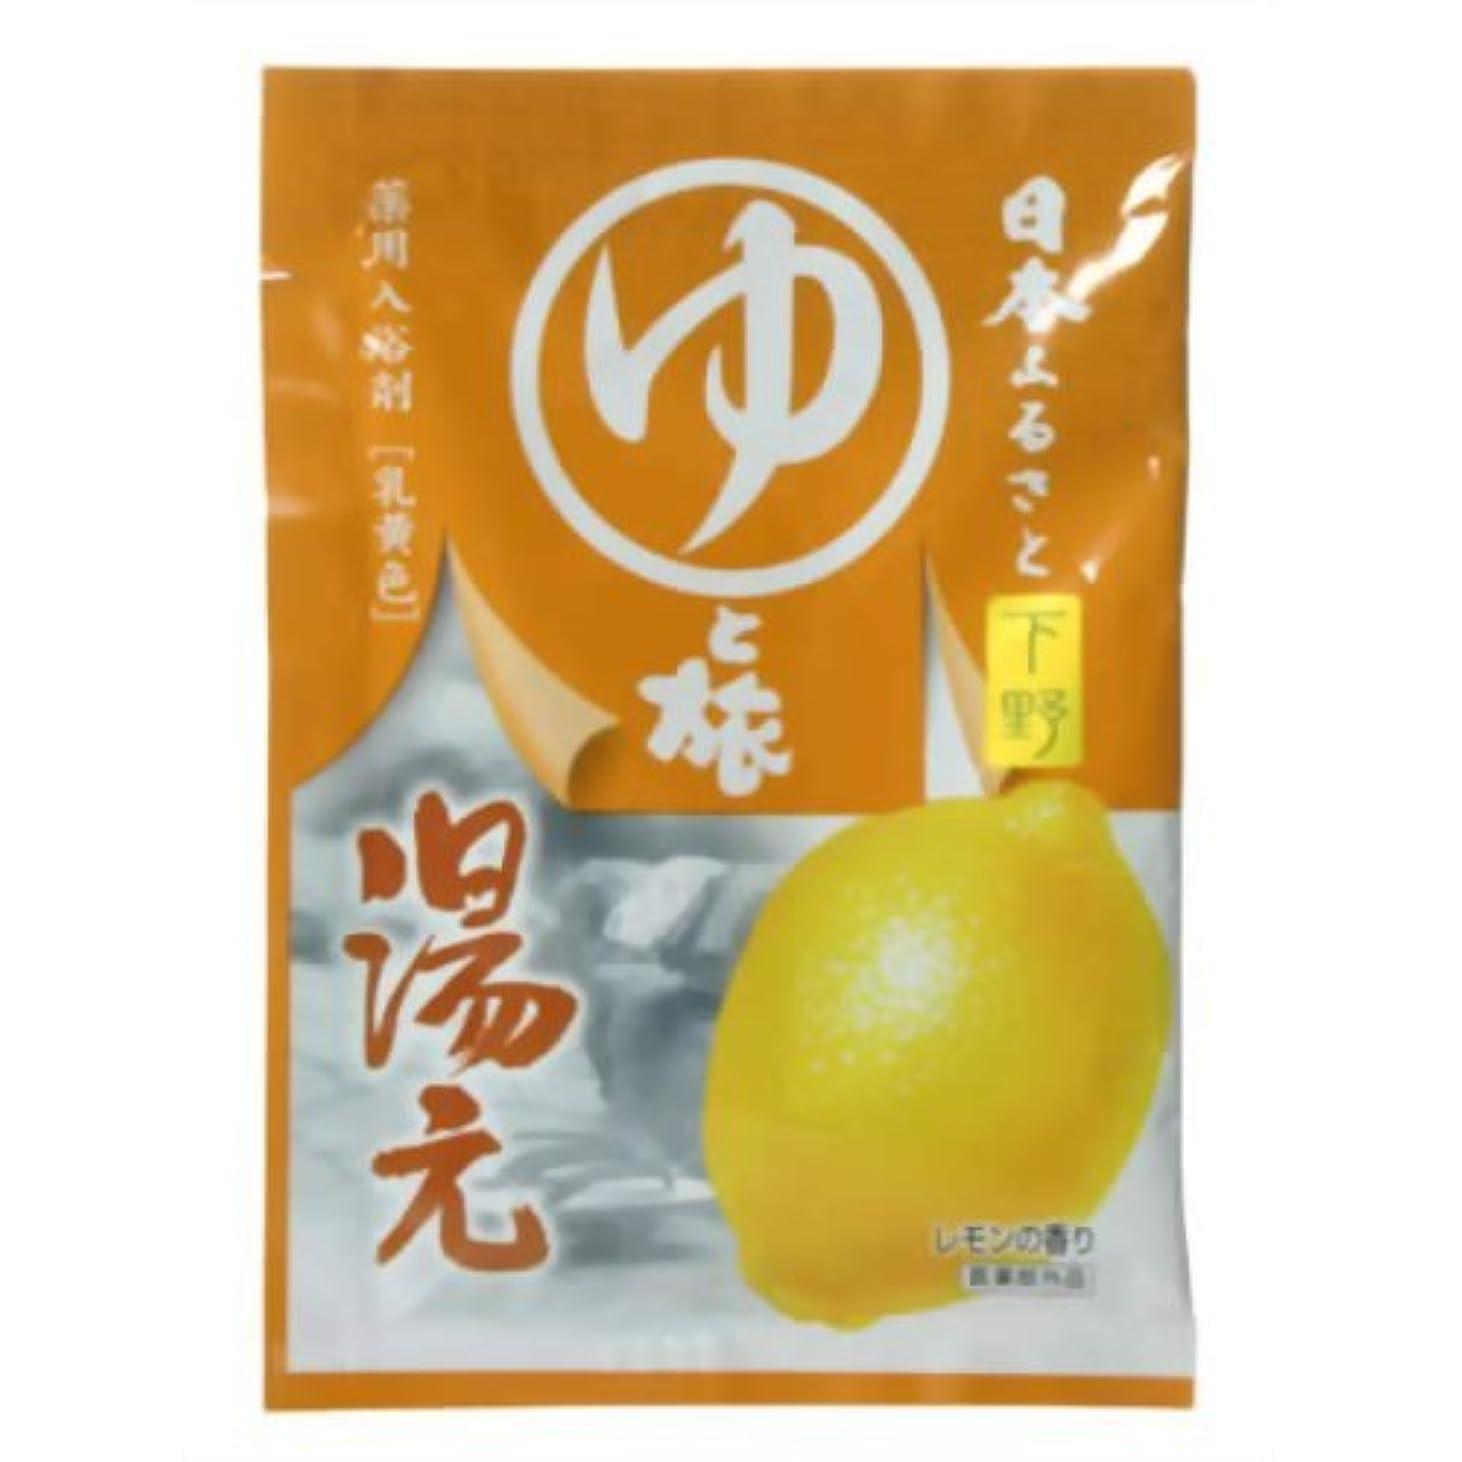 スマイル松明ペストヤマサキの入浴剤シリーズ 湯元(入浴剤)